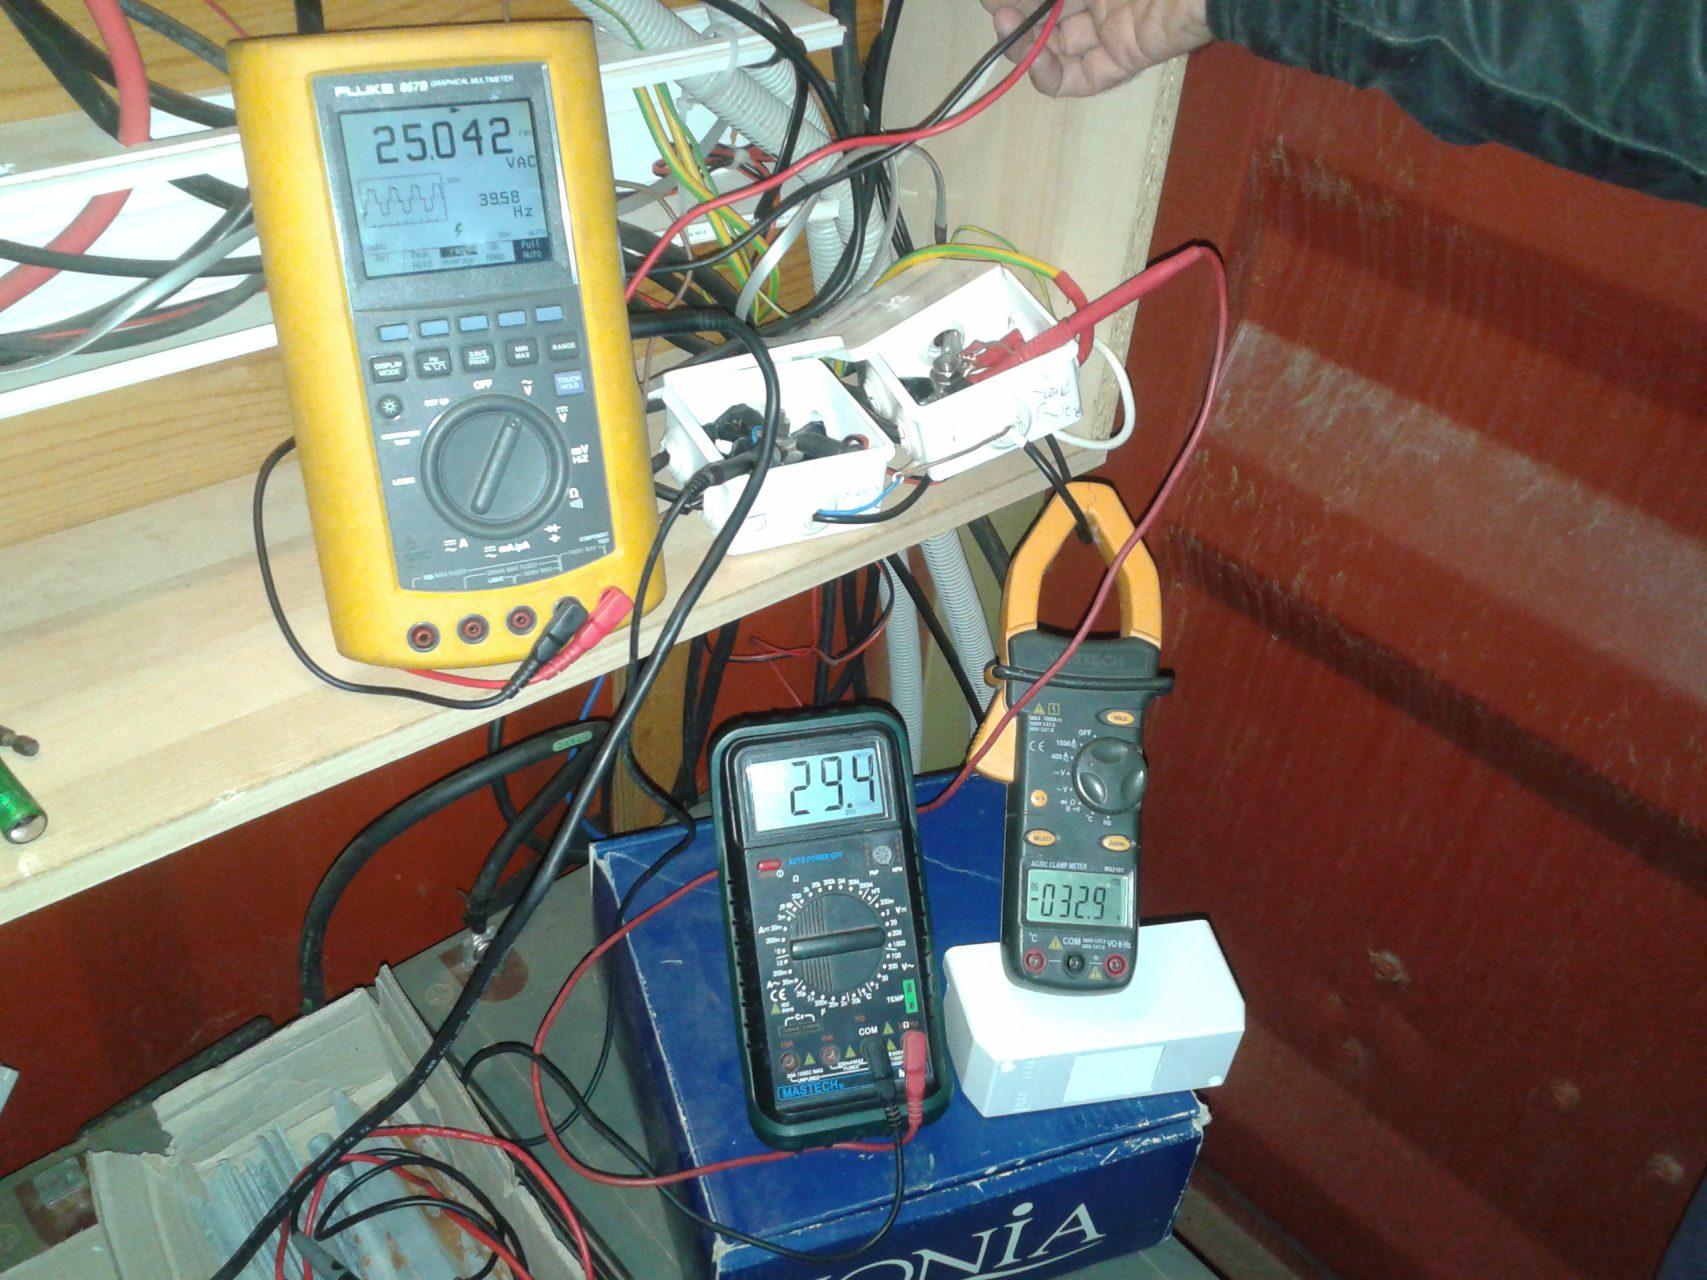 Στιγμιαία παραγωγή σε ισχυρό άνεμο 29.4Vx32.9A=967W